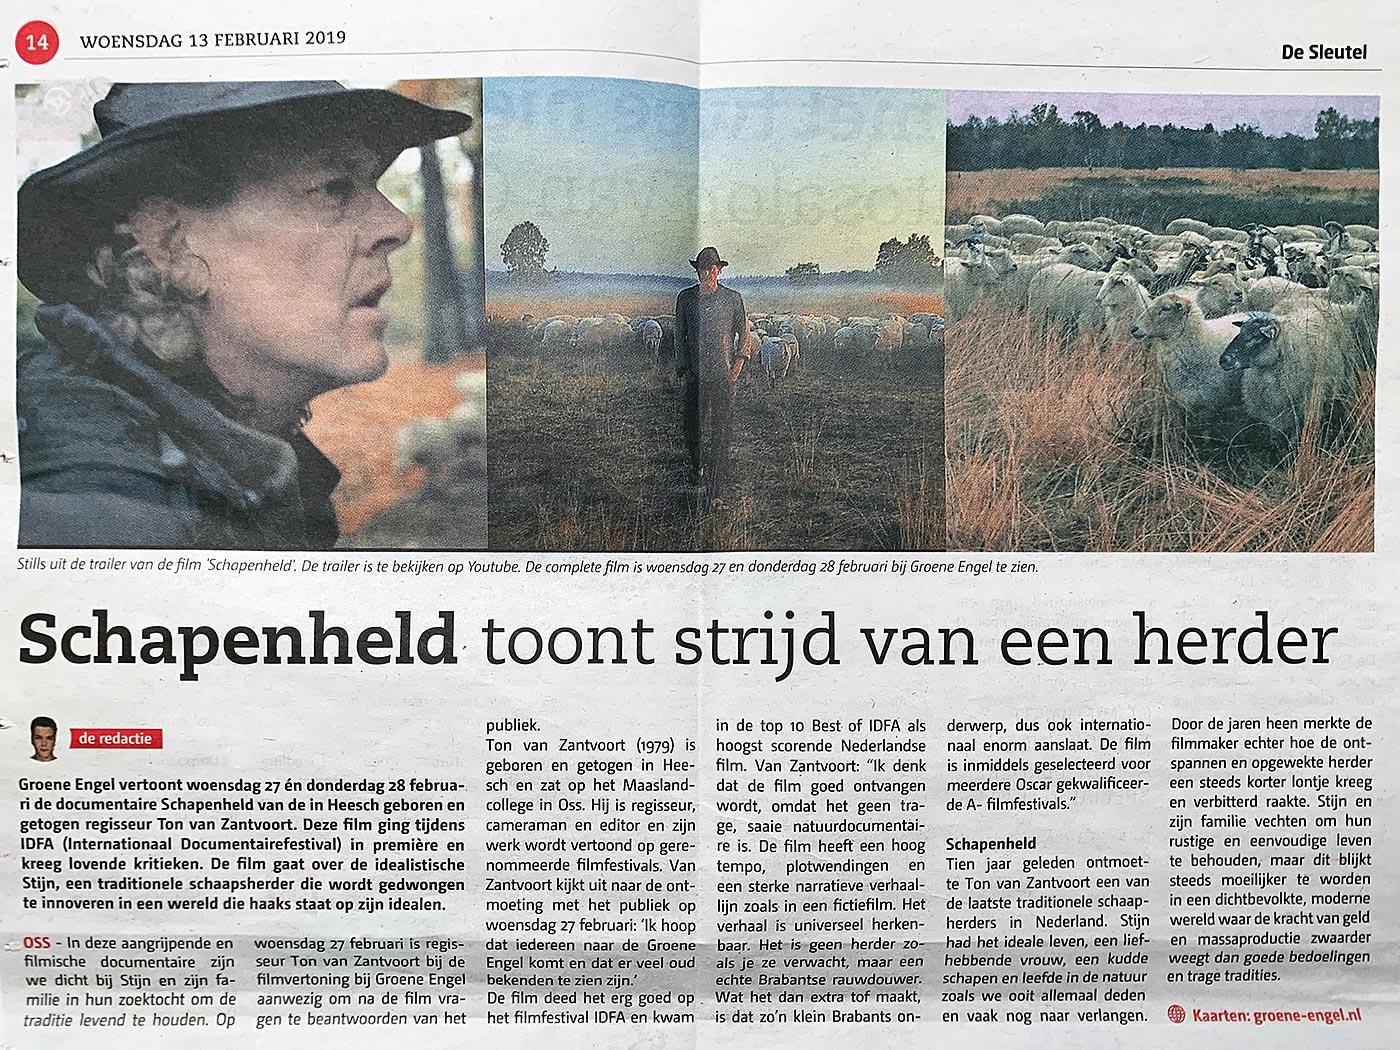 Oss sleutel Schapenheld toont strijd van een herder 13 februari 2019